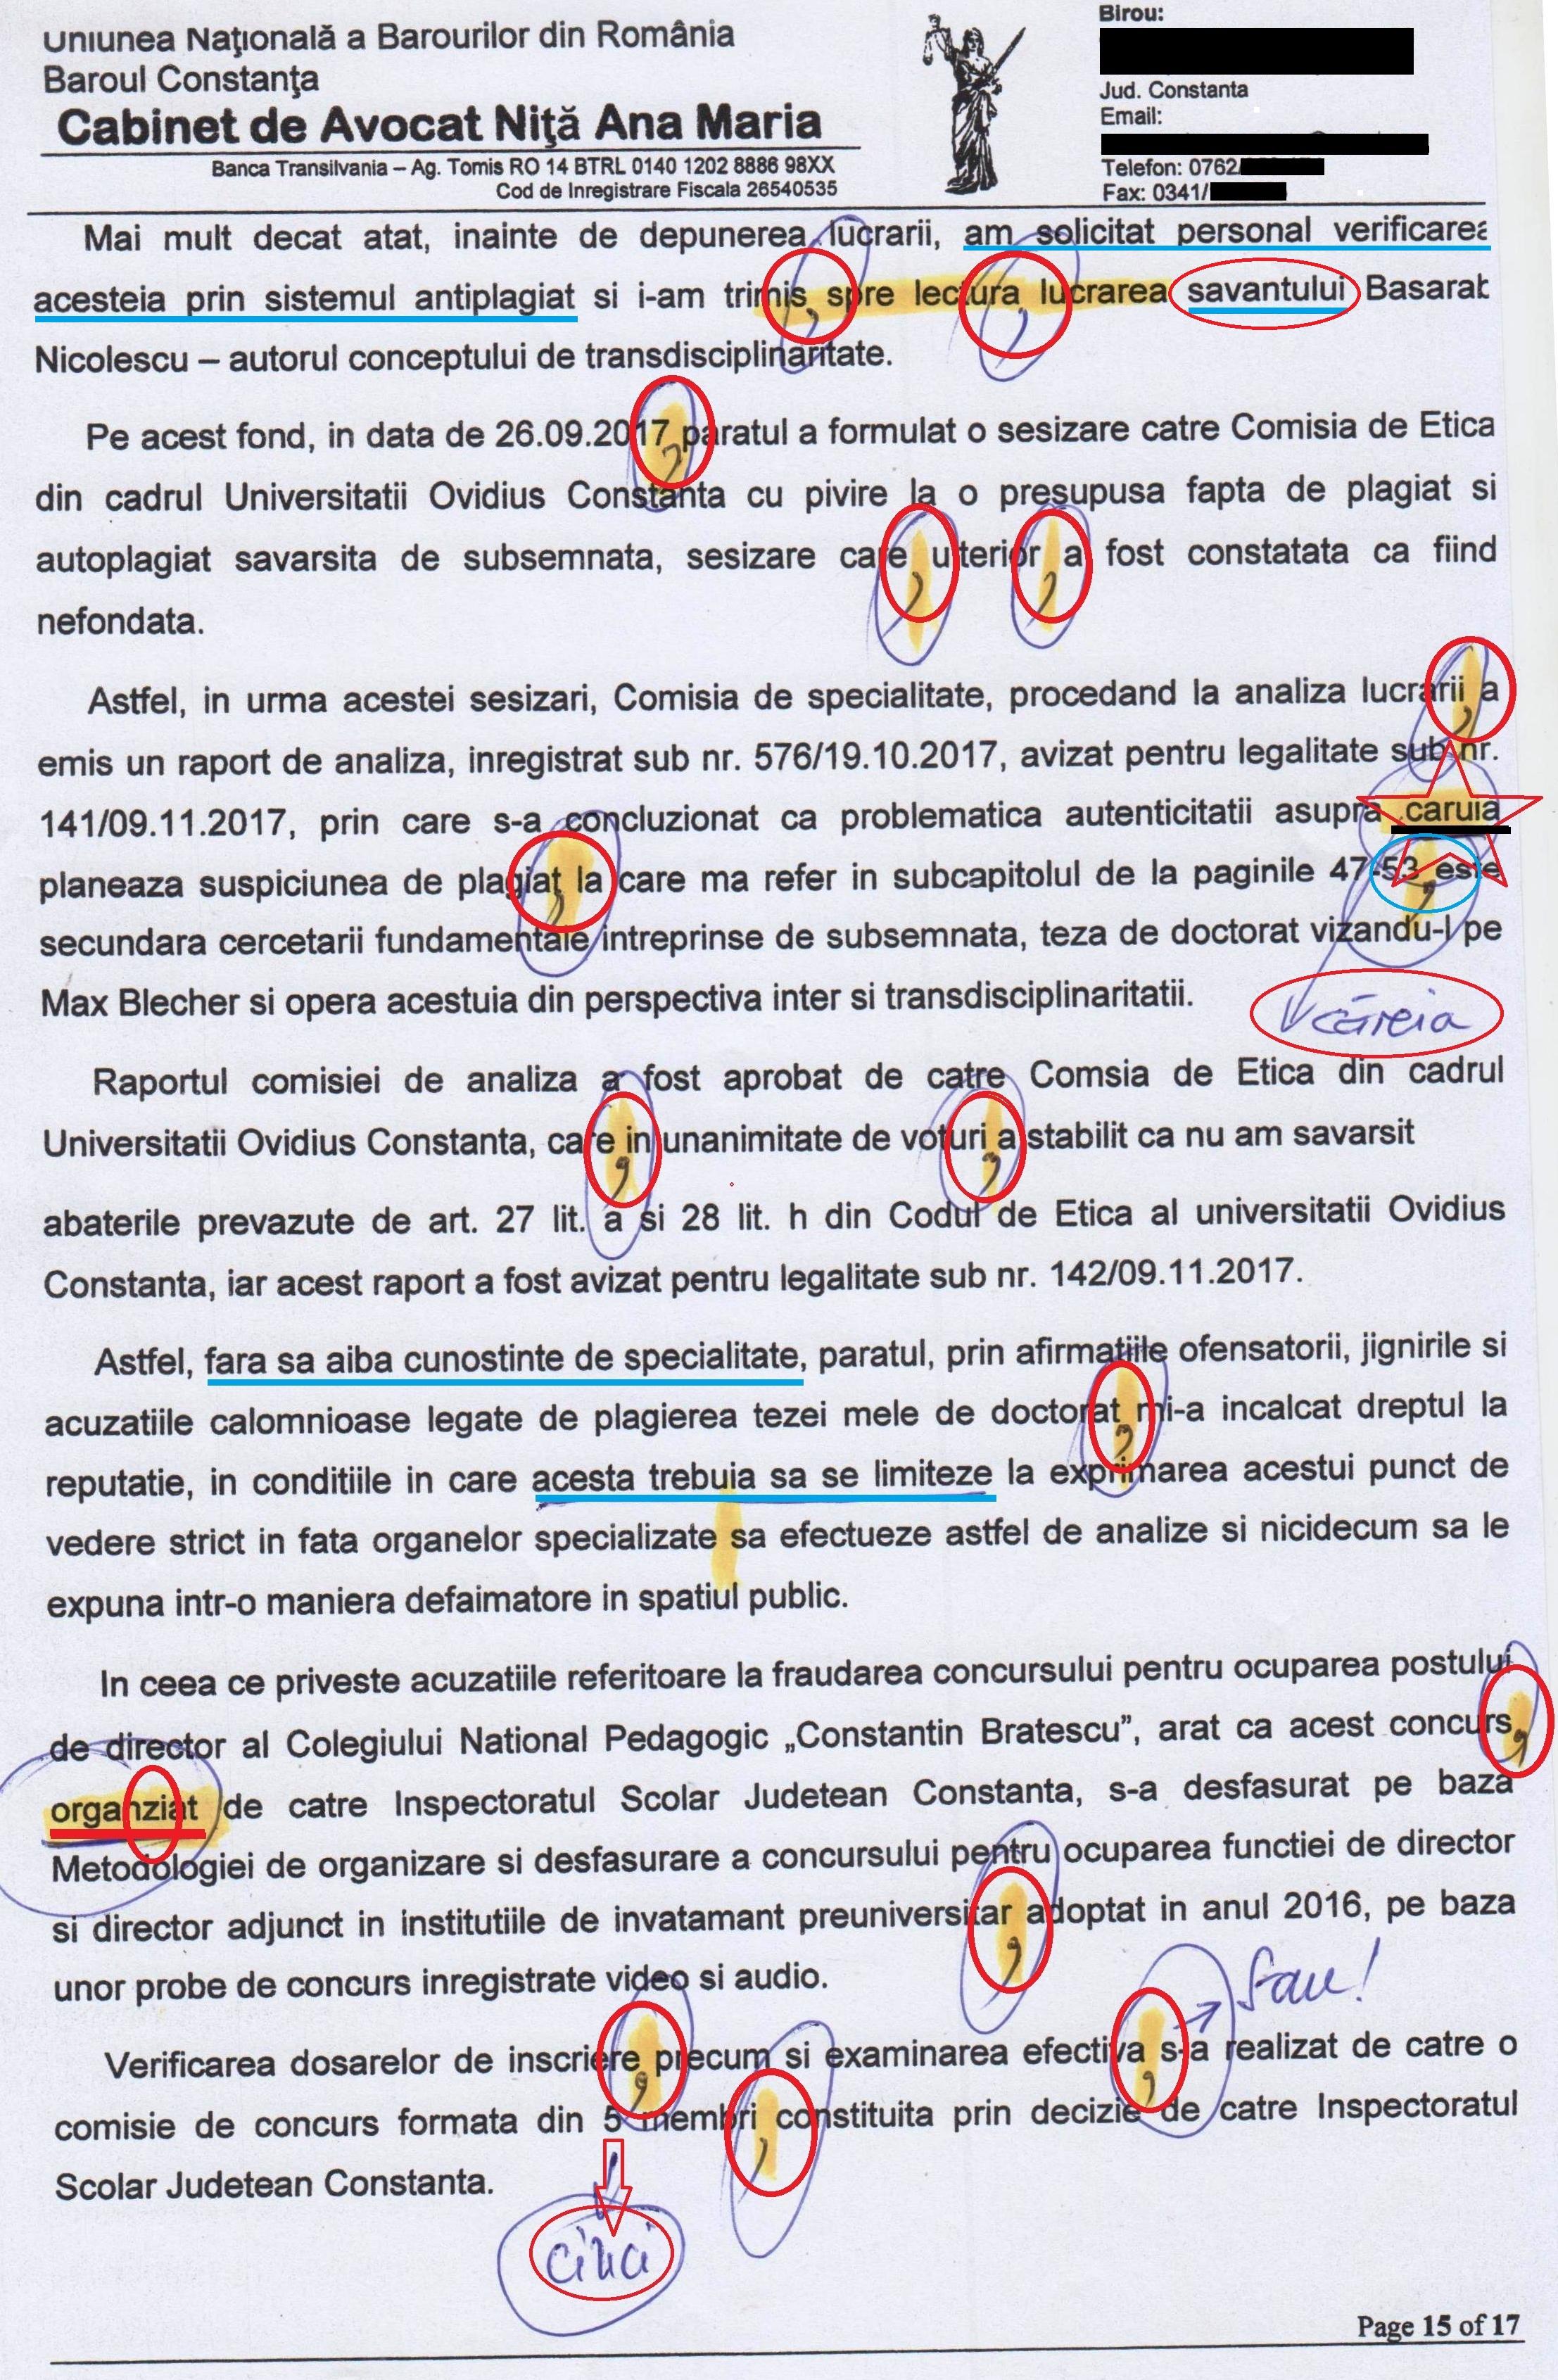 În asemenea hal arată o pagină a unei compuneri semnată de agramata Anamaria Ciobotaru, prof. de limba română și doctor în Filologie (pagina 15)!